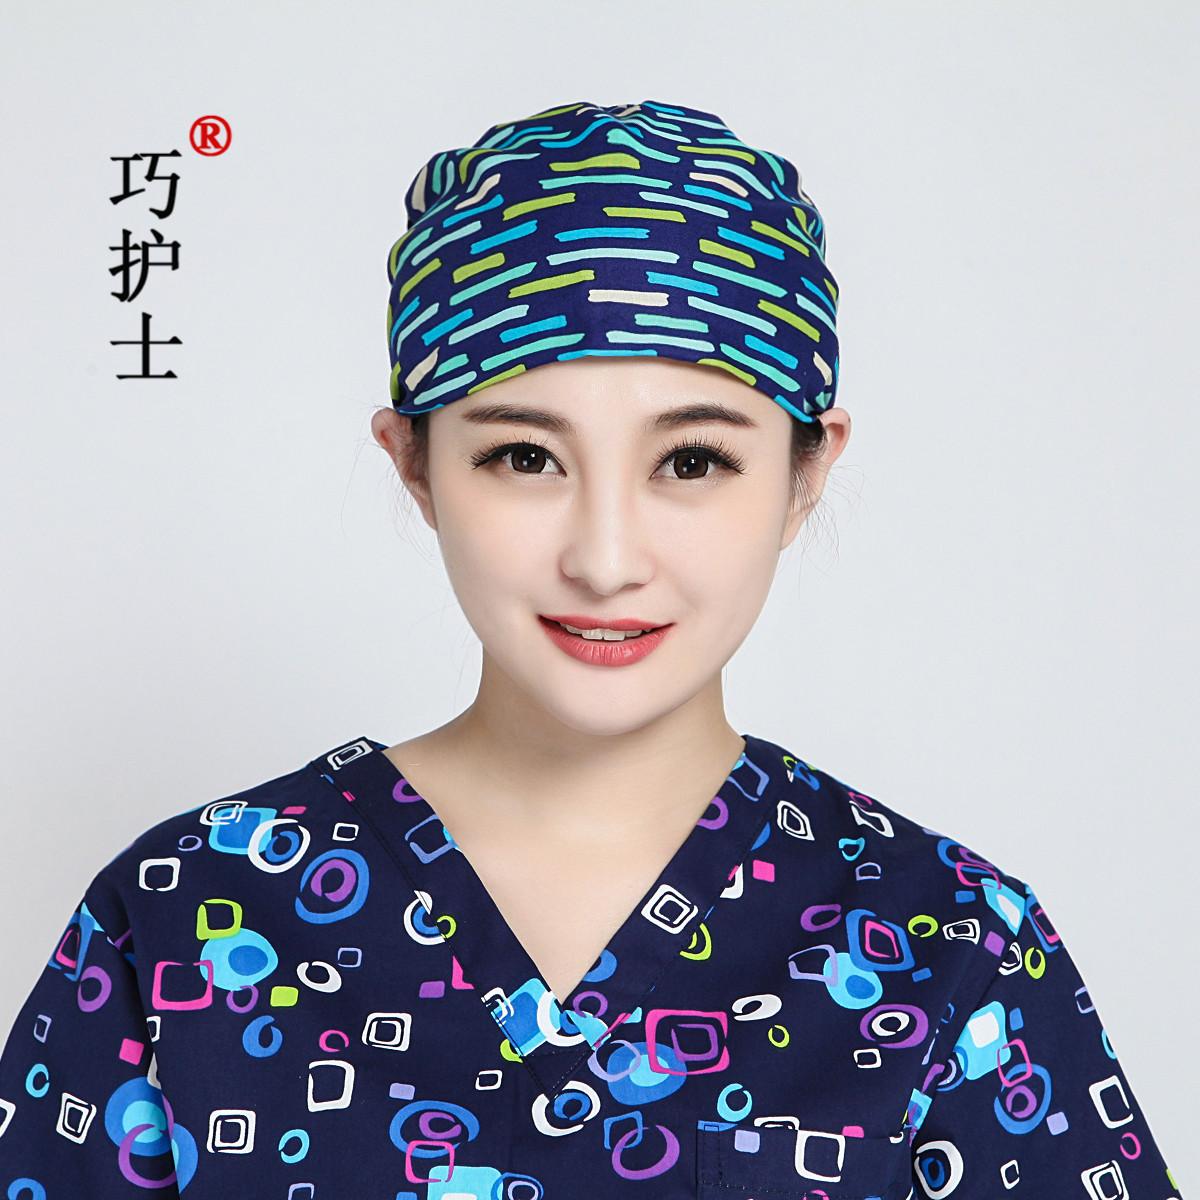 Qiao perawat pria dan wanita dokter ruang operasi topi topi (Topi)